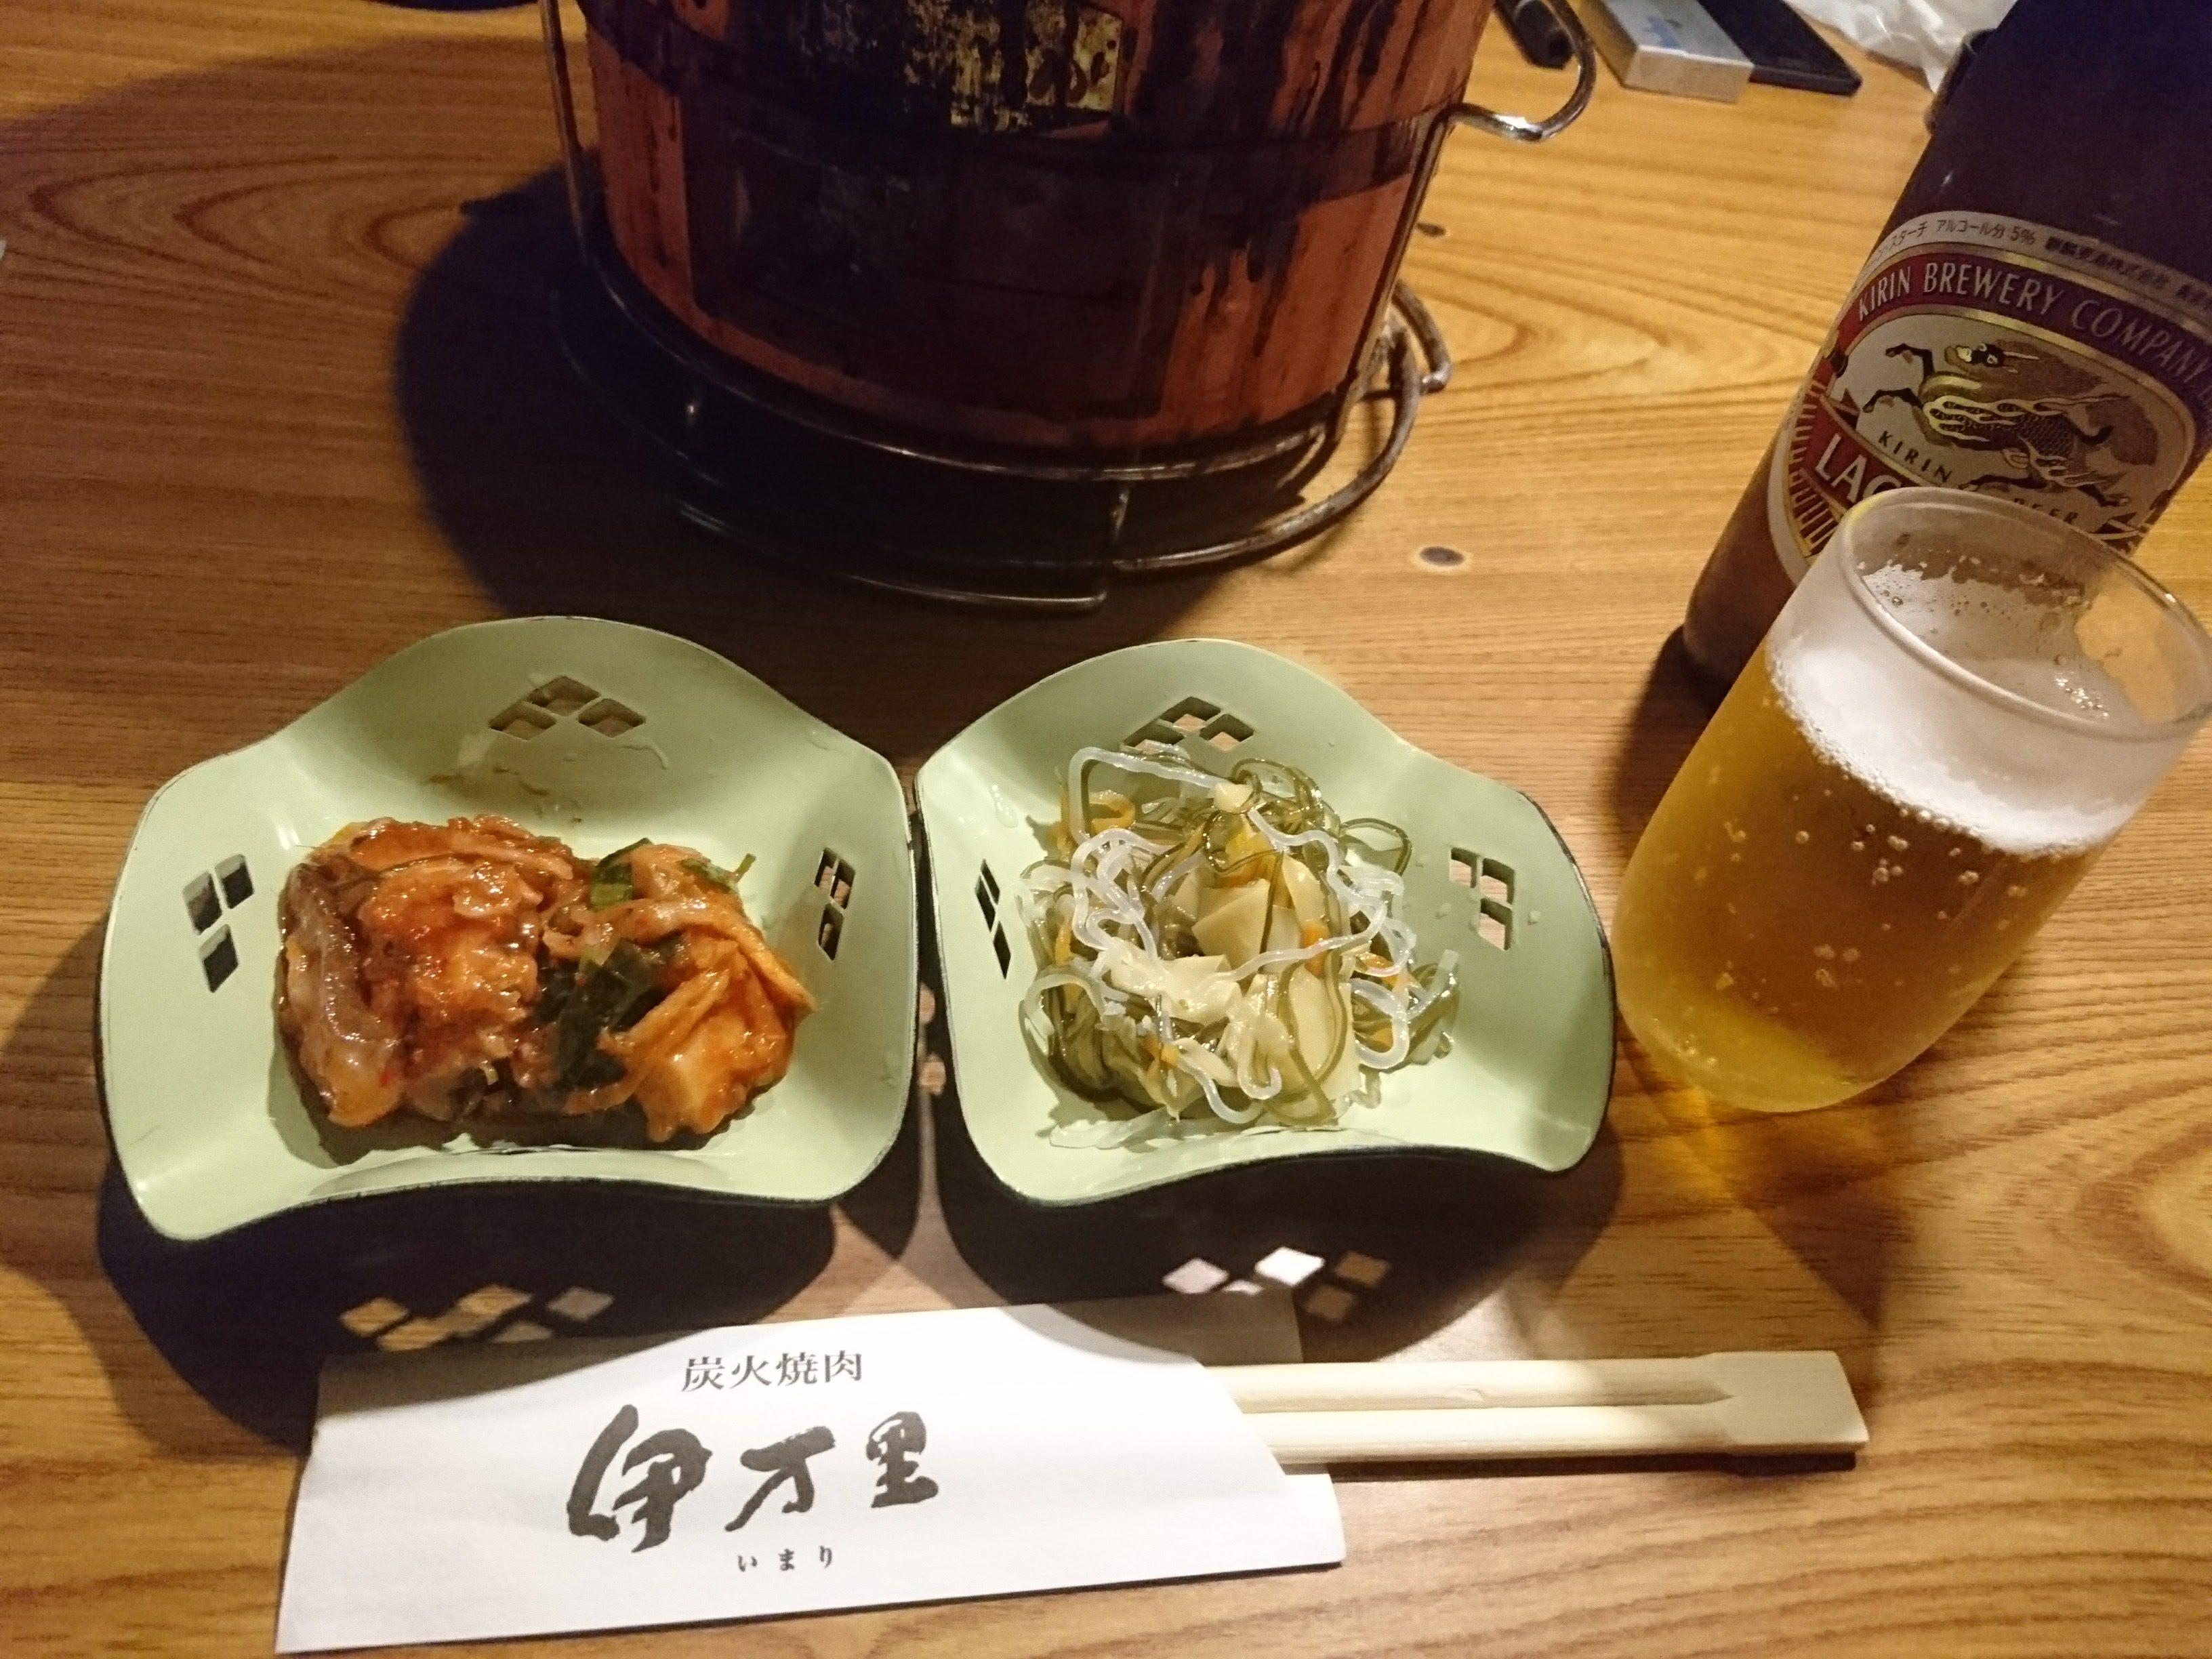 府中「炭火焼肉 伊万里(いまり)」小鉢2種と瓶ビール